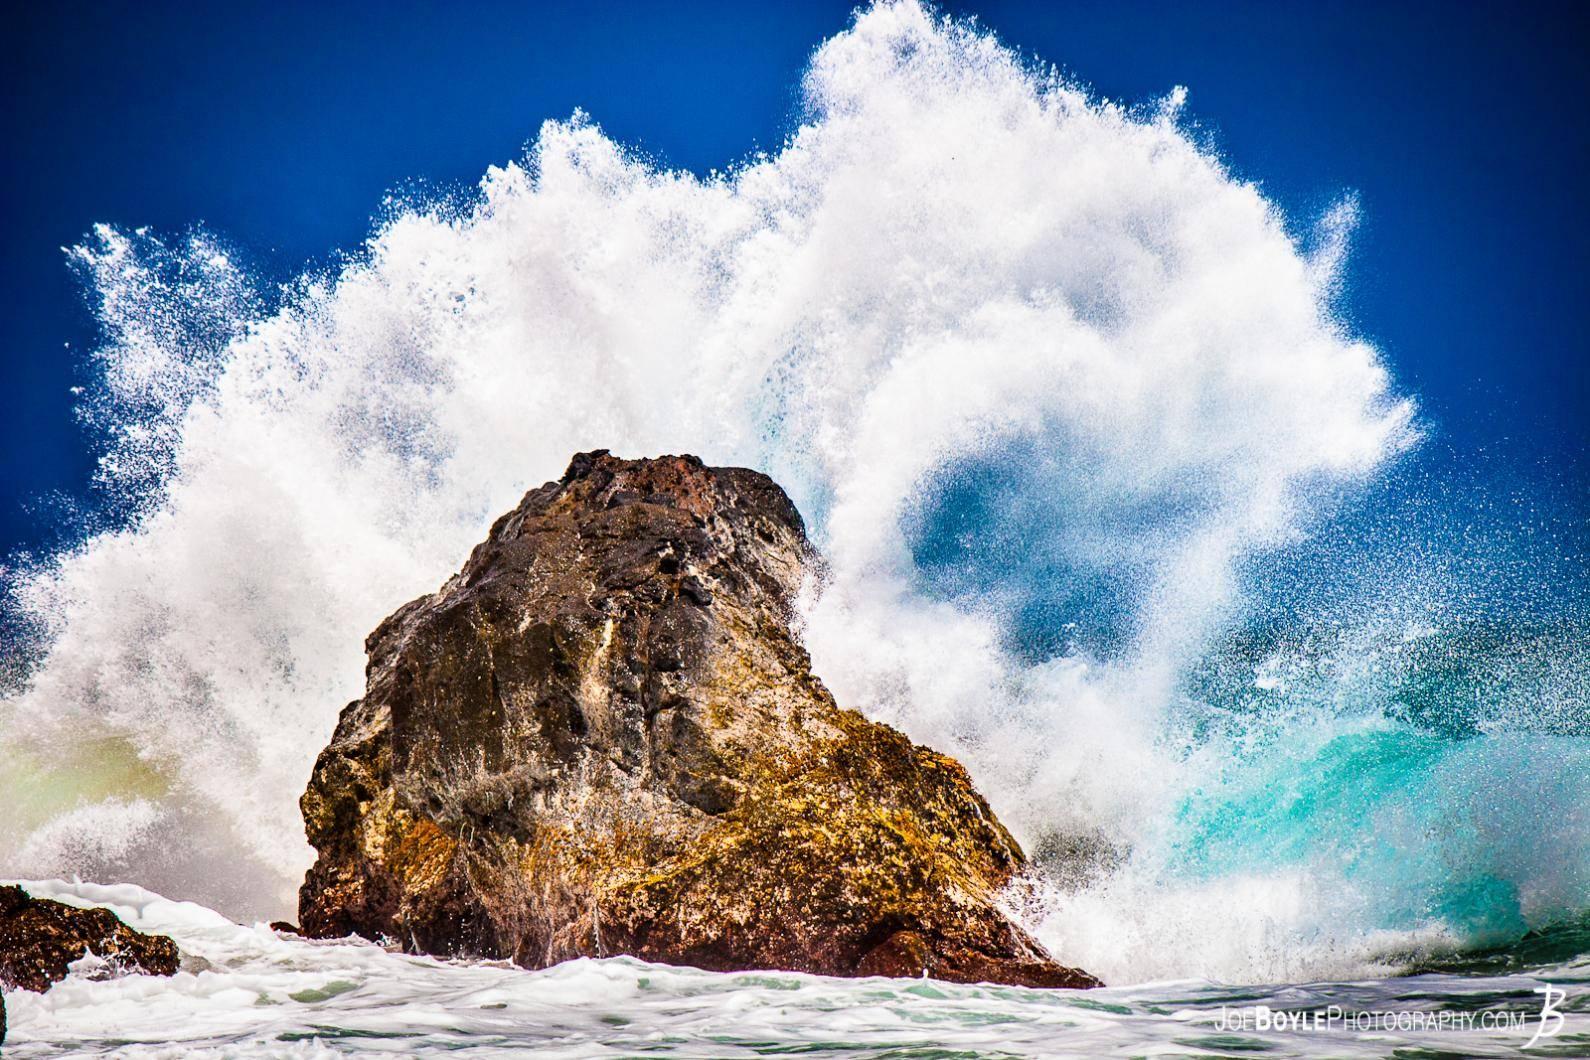 201207006-1600-hawaii-rock-ocean-water-splash-roar-1341329408